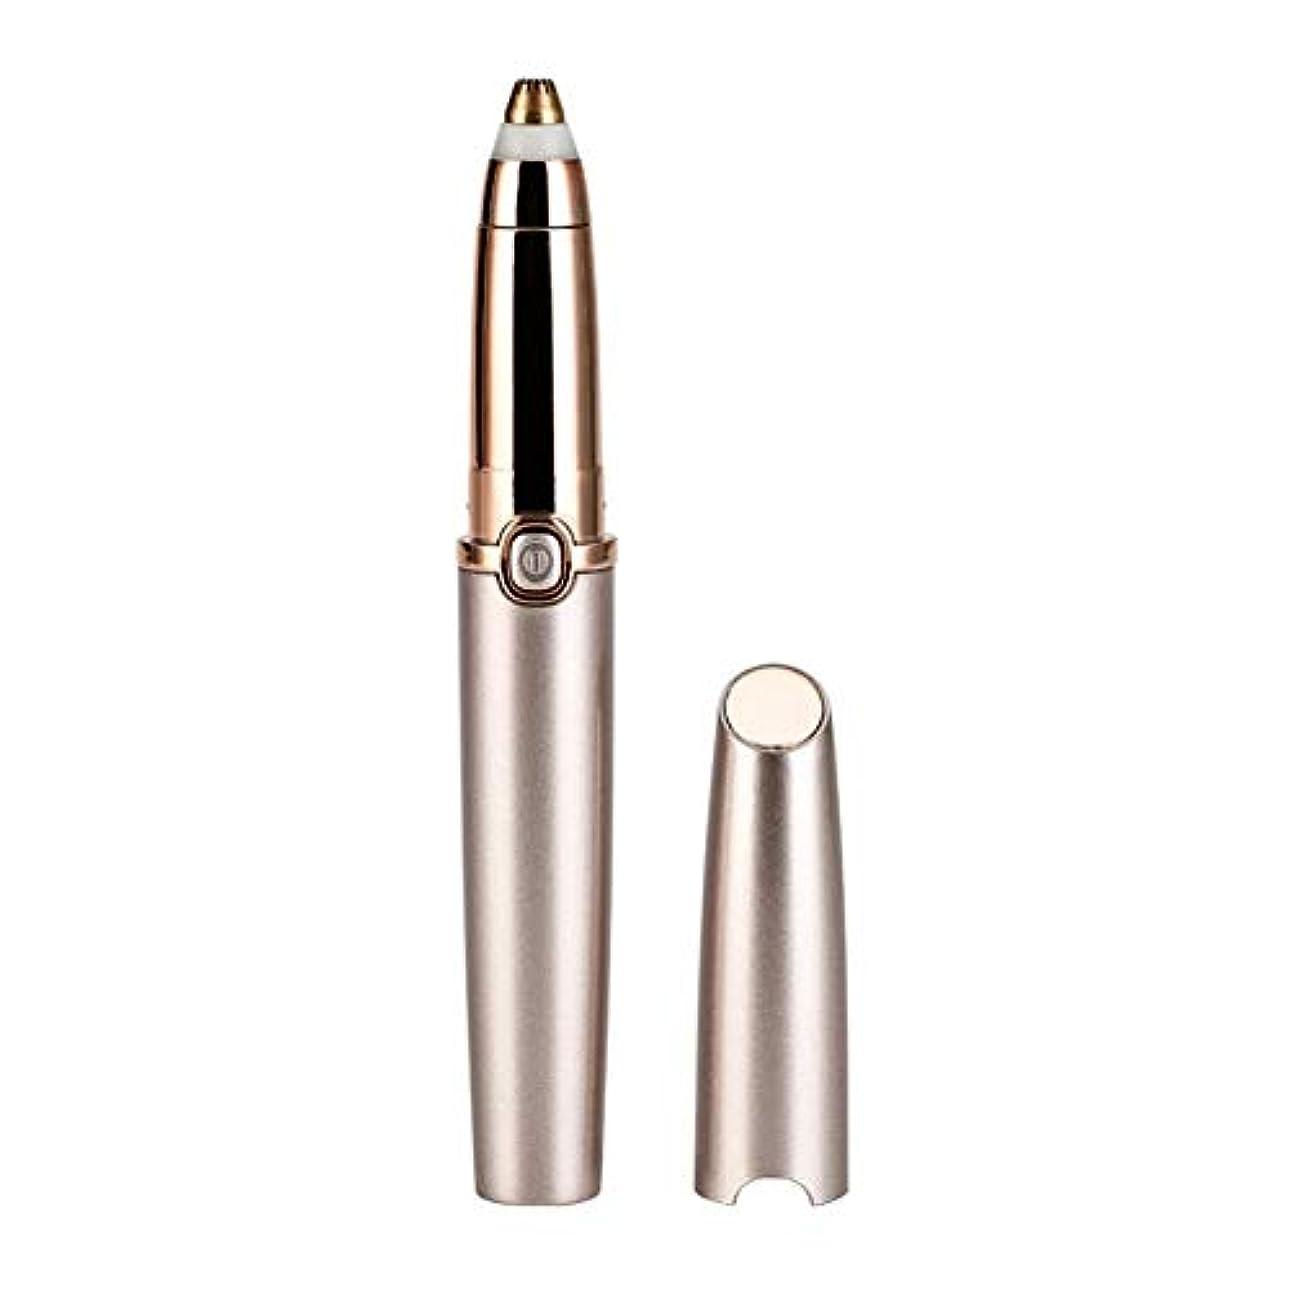 聖書シーン飛躍SILUN 脱毛器 眉毛形削りナイフ 口紅形 防水脱毛トリマー USB充電式 持ち運び便利 シェービングマシン 多目的 使用し安全